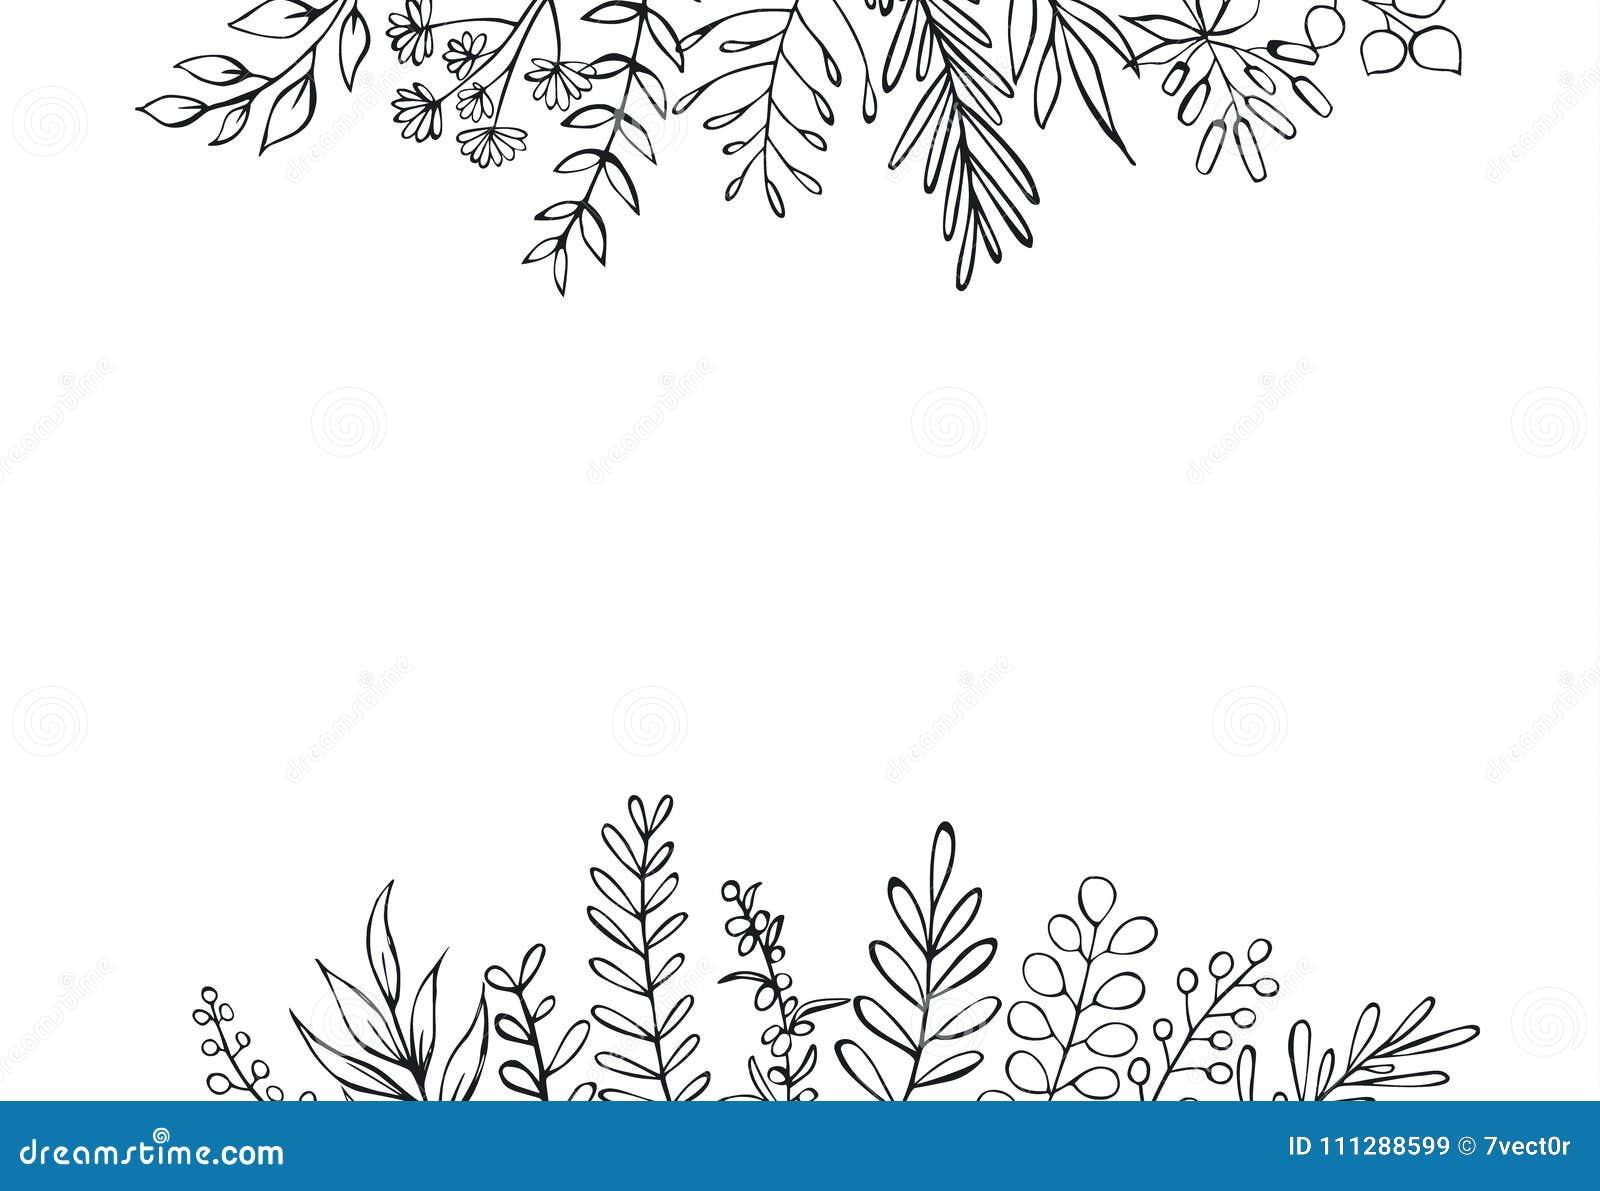 黑白花卉手拉的农舍样式概述了枝杈分支倒栽跳水边界背景